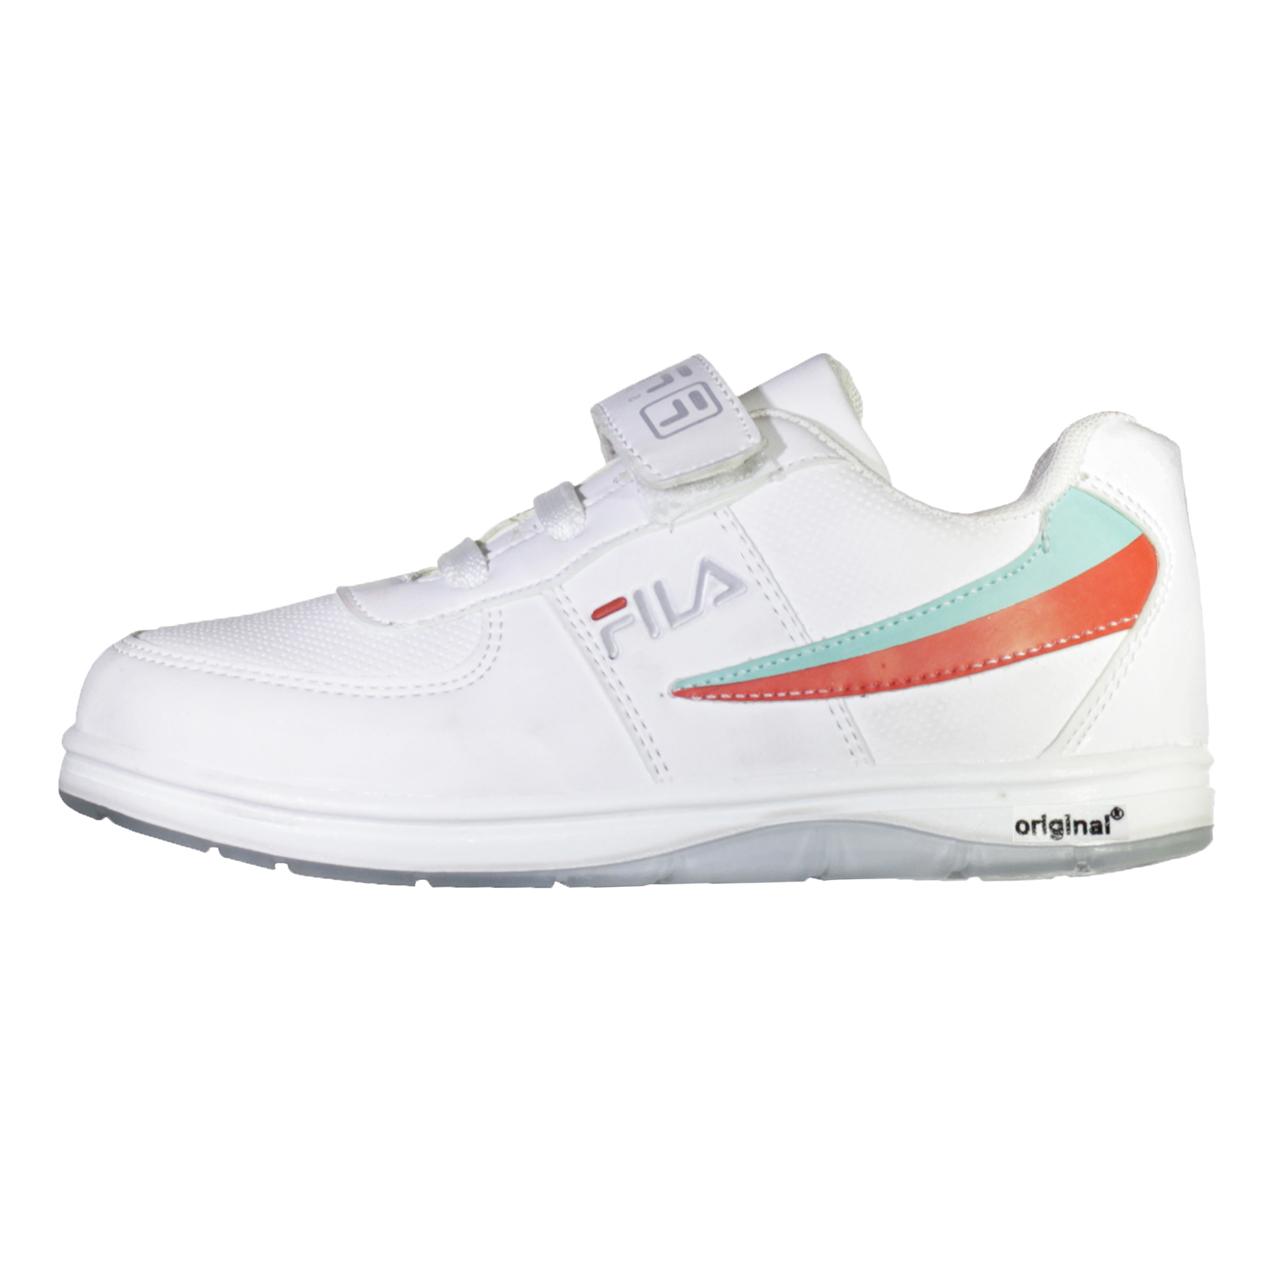 کفش مخصوص پیاده روی مدل Cameron کد 02